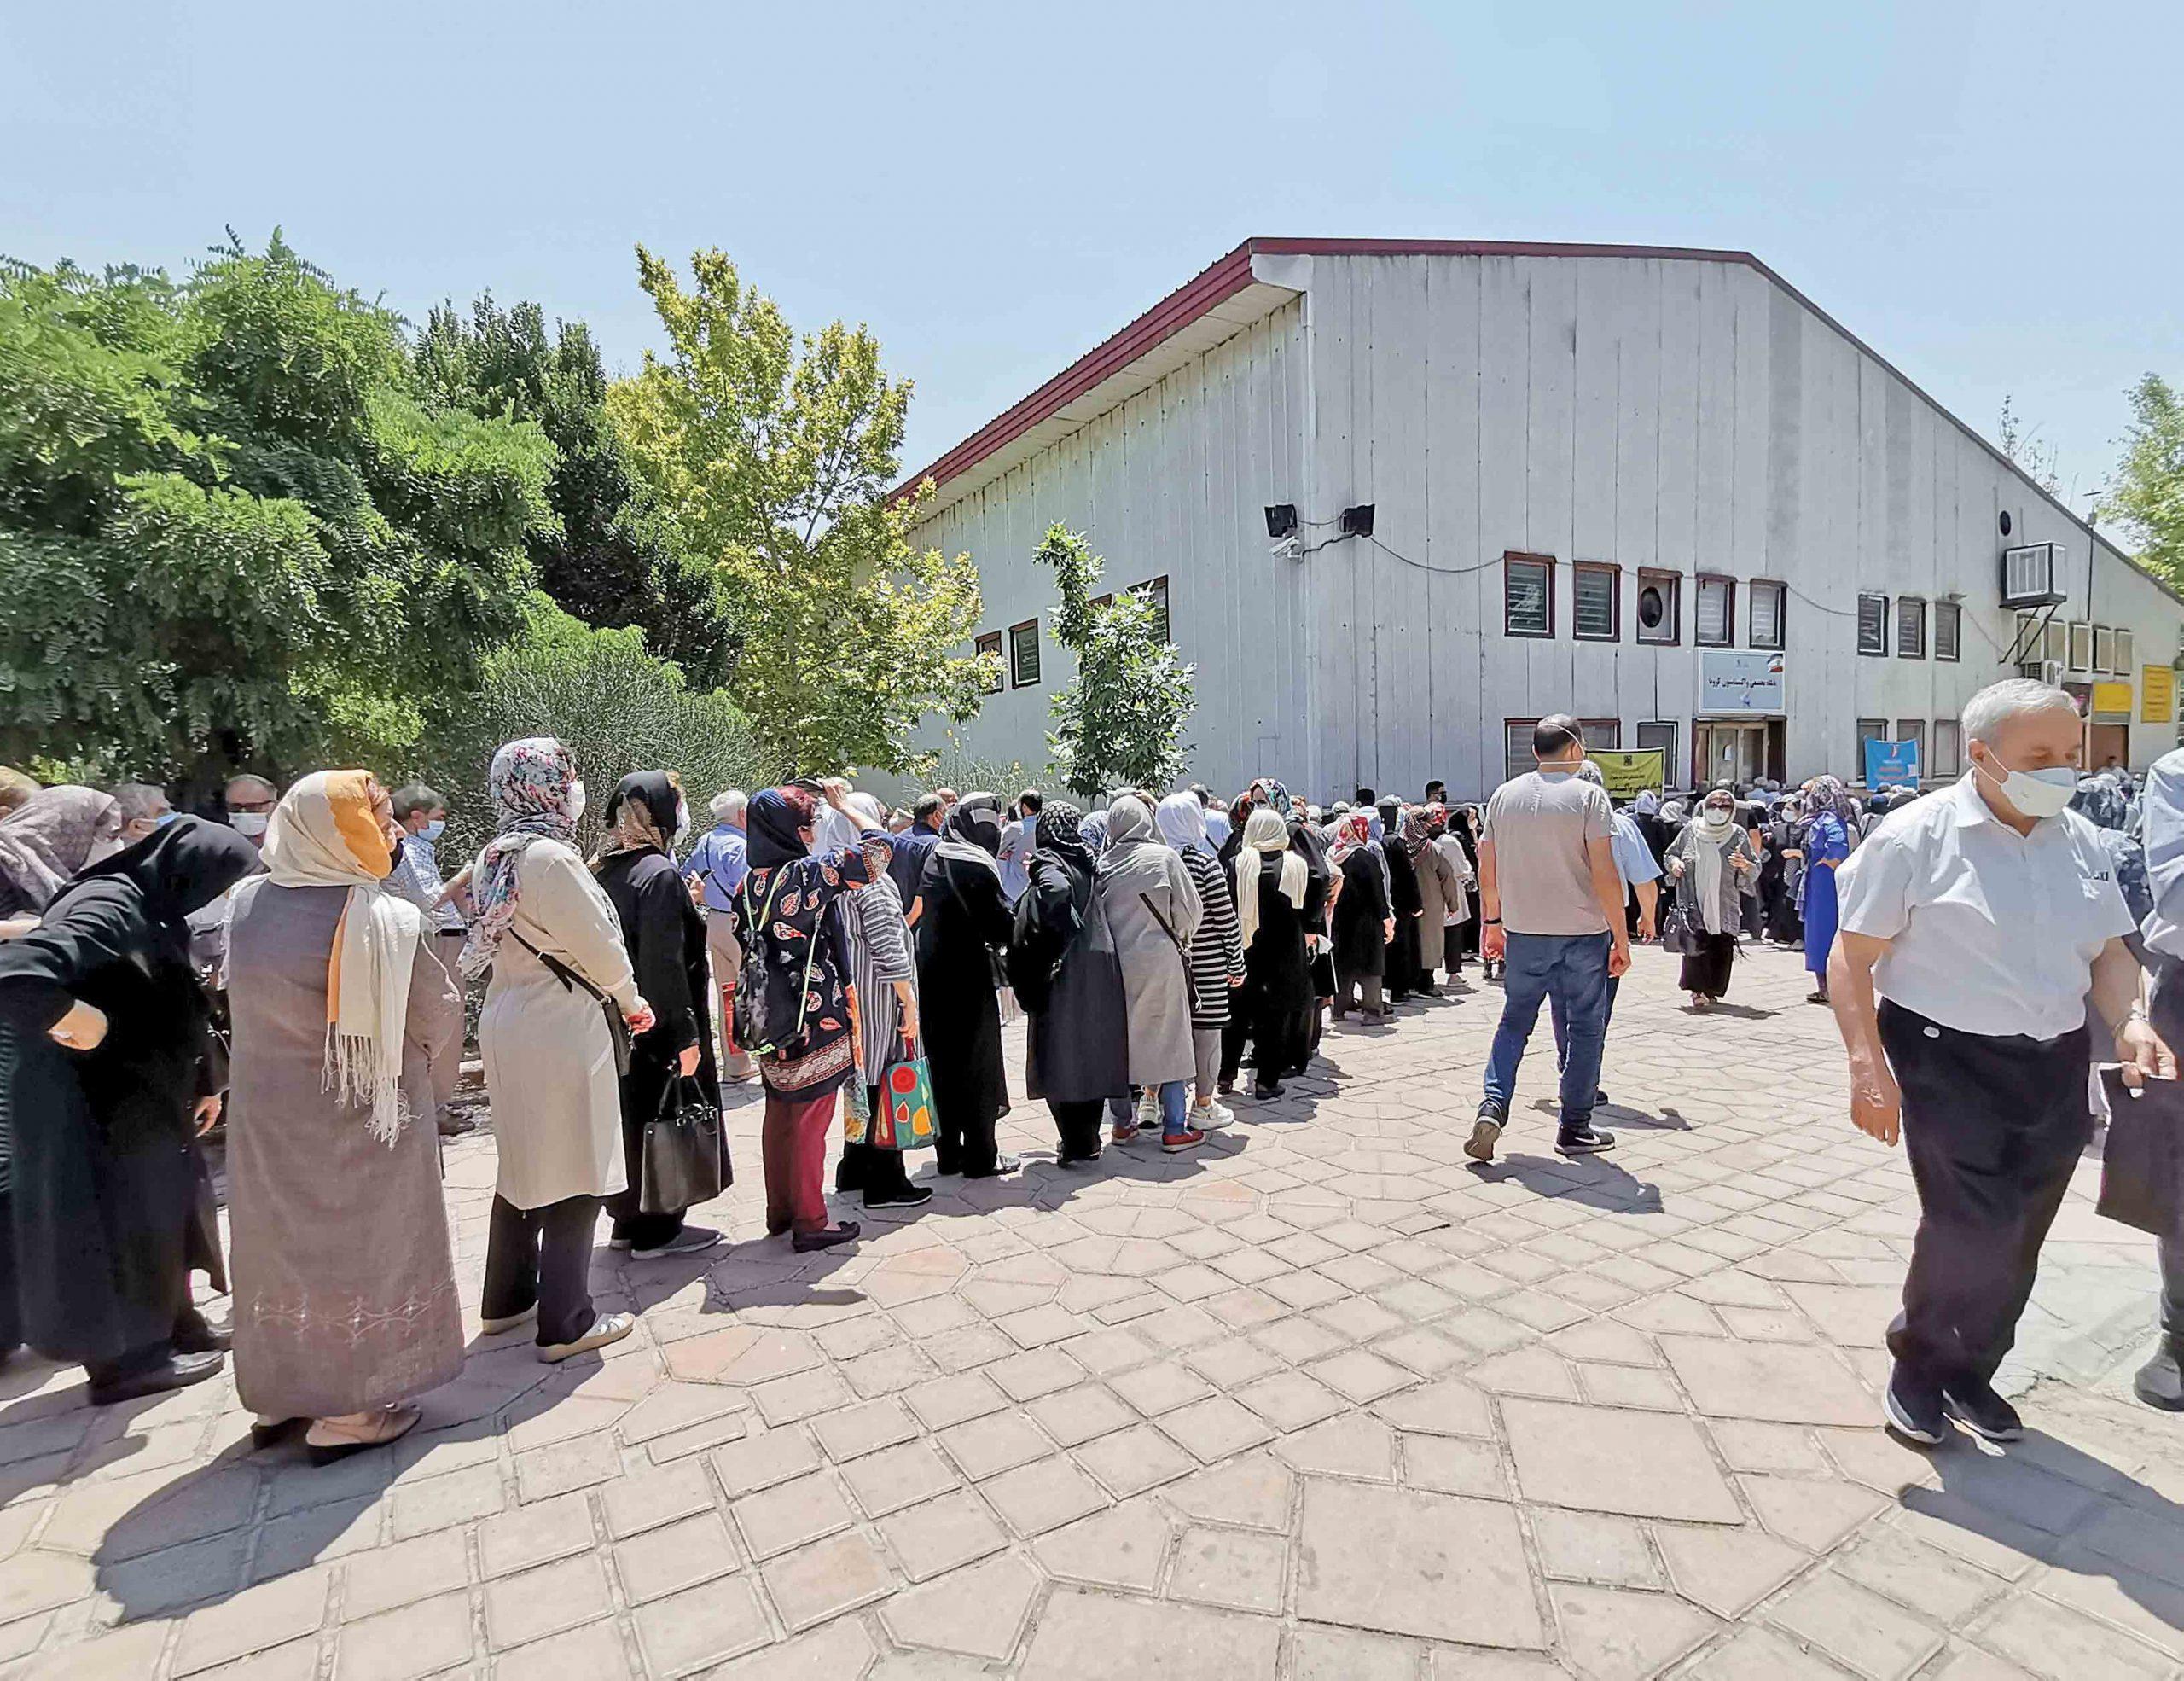 ۱۴۴؛ رتبه جهانی ایران در واکسیناسیون کووید ۱۹